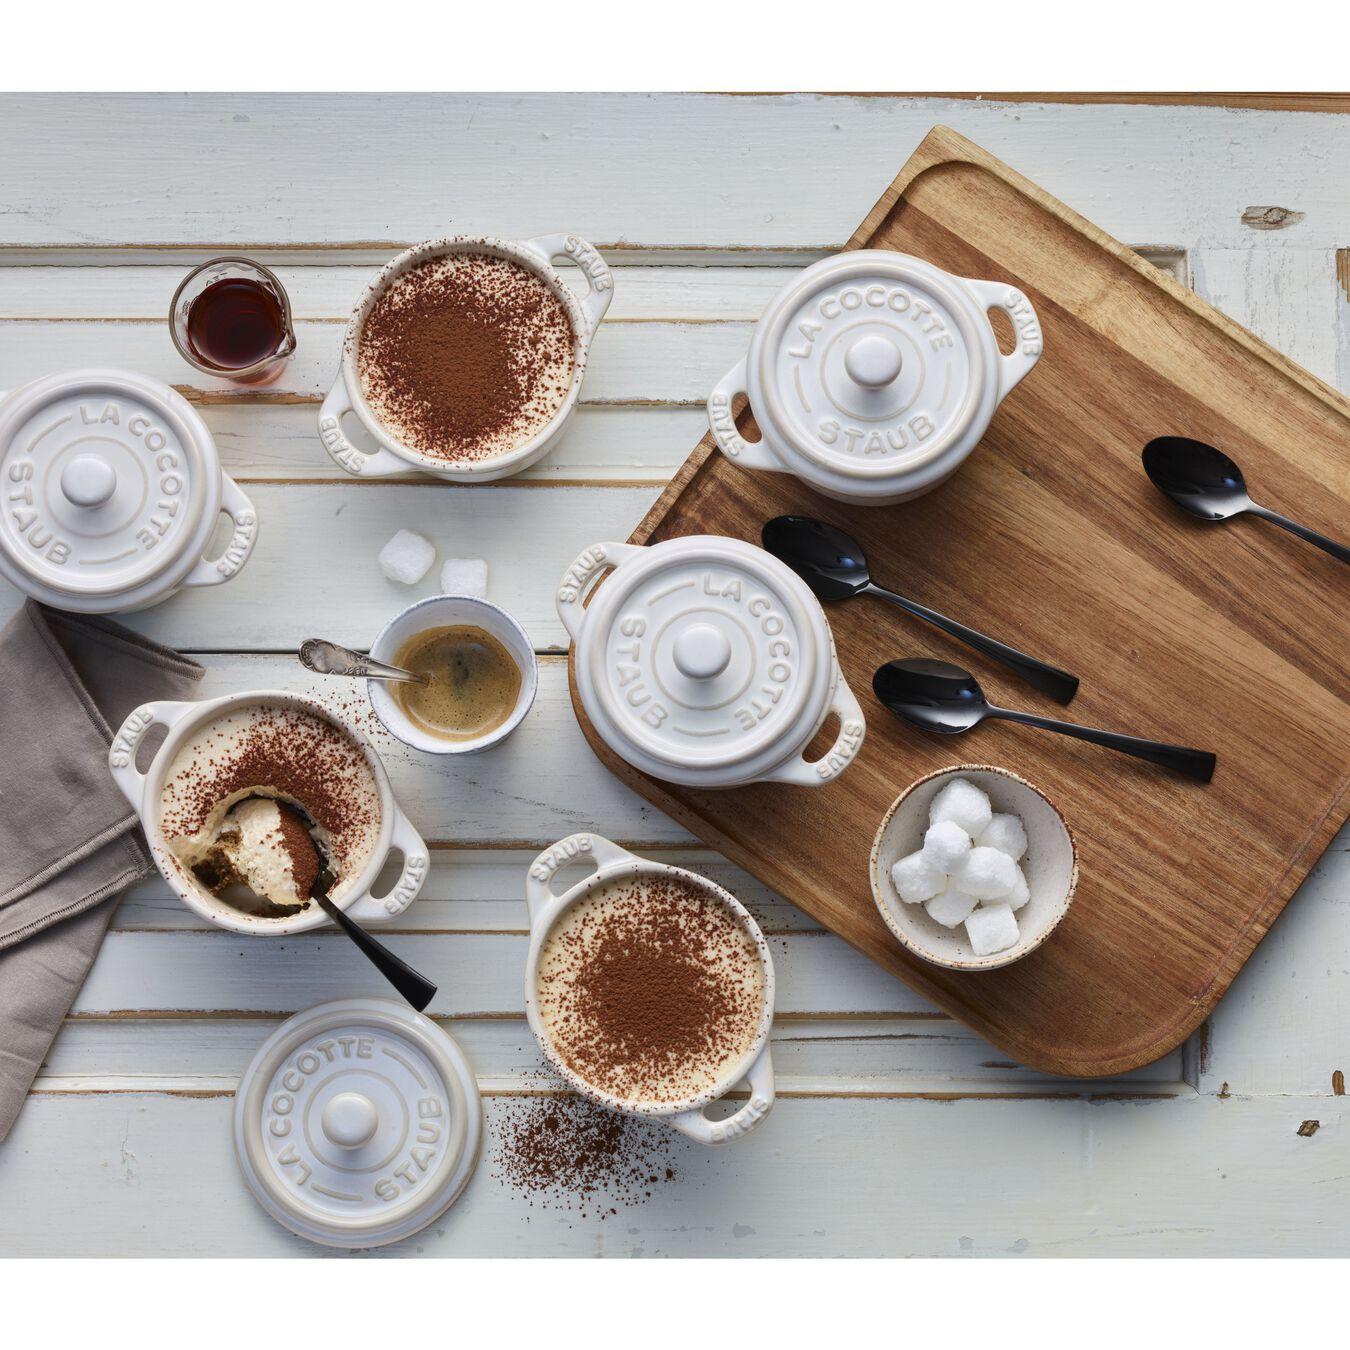 Ensemble de cocottes 4-pcs, Rond(e), Blanc ivoire, Céramique,,large 2